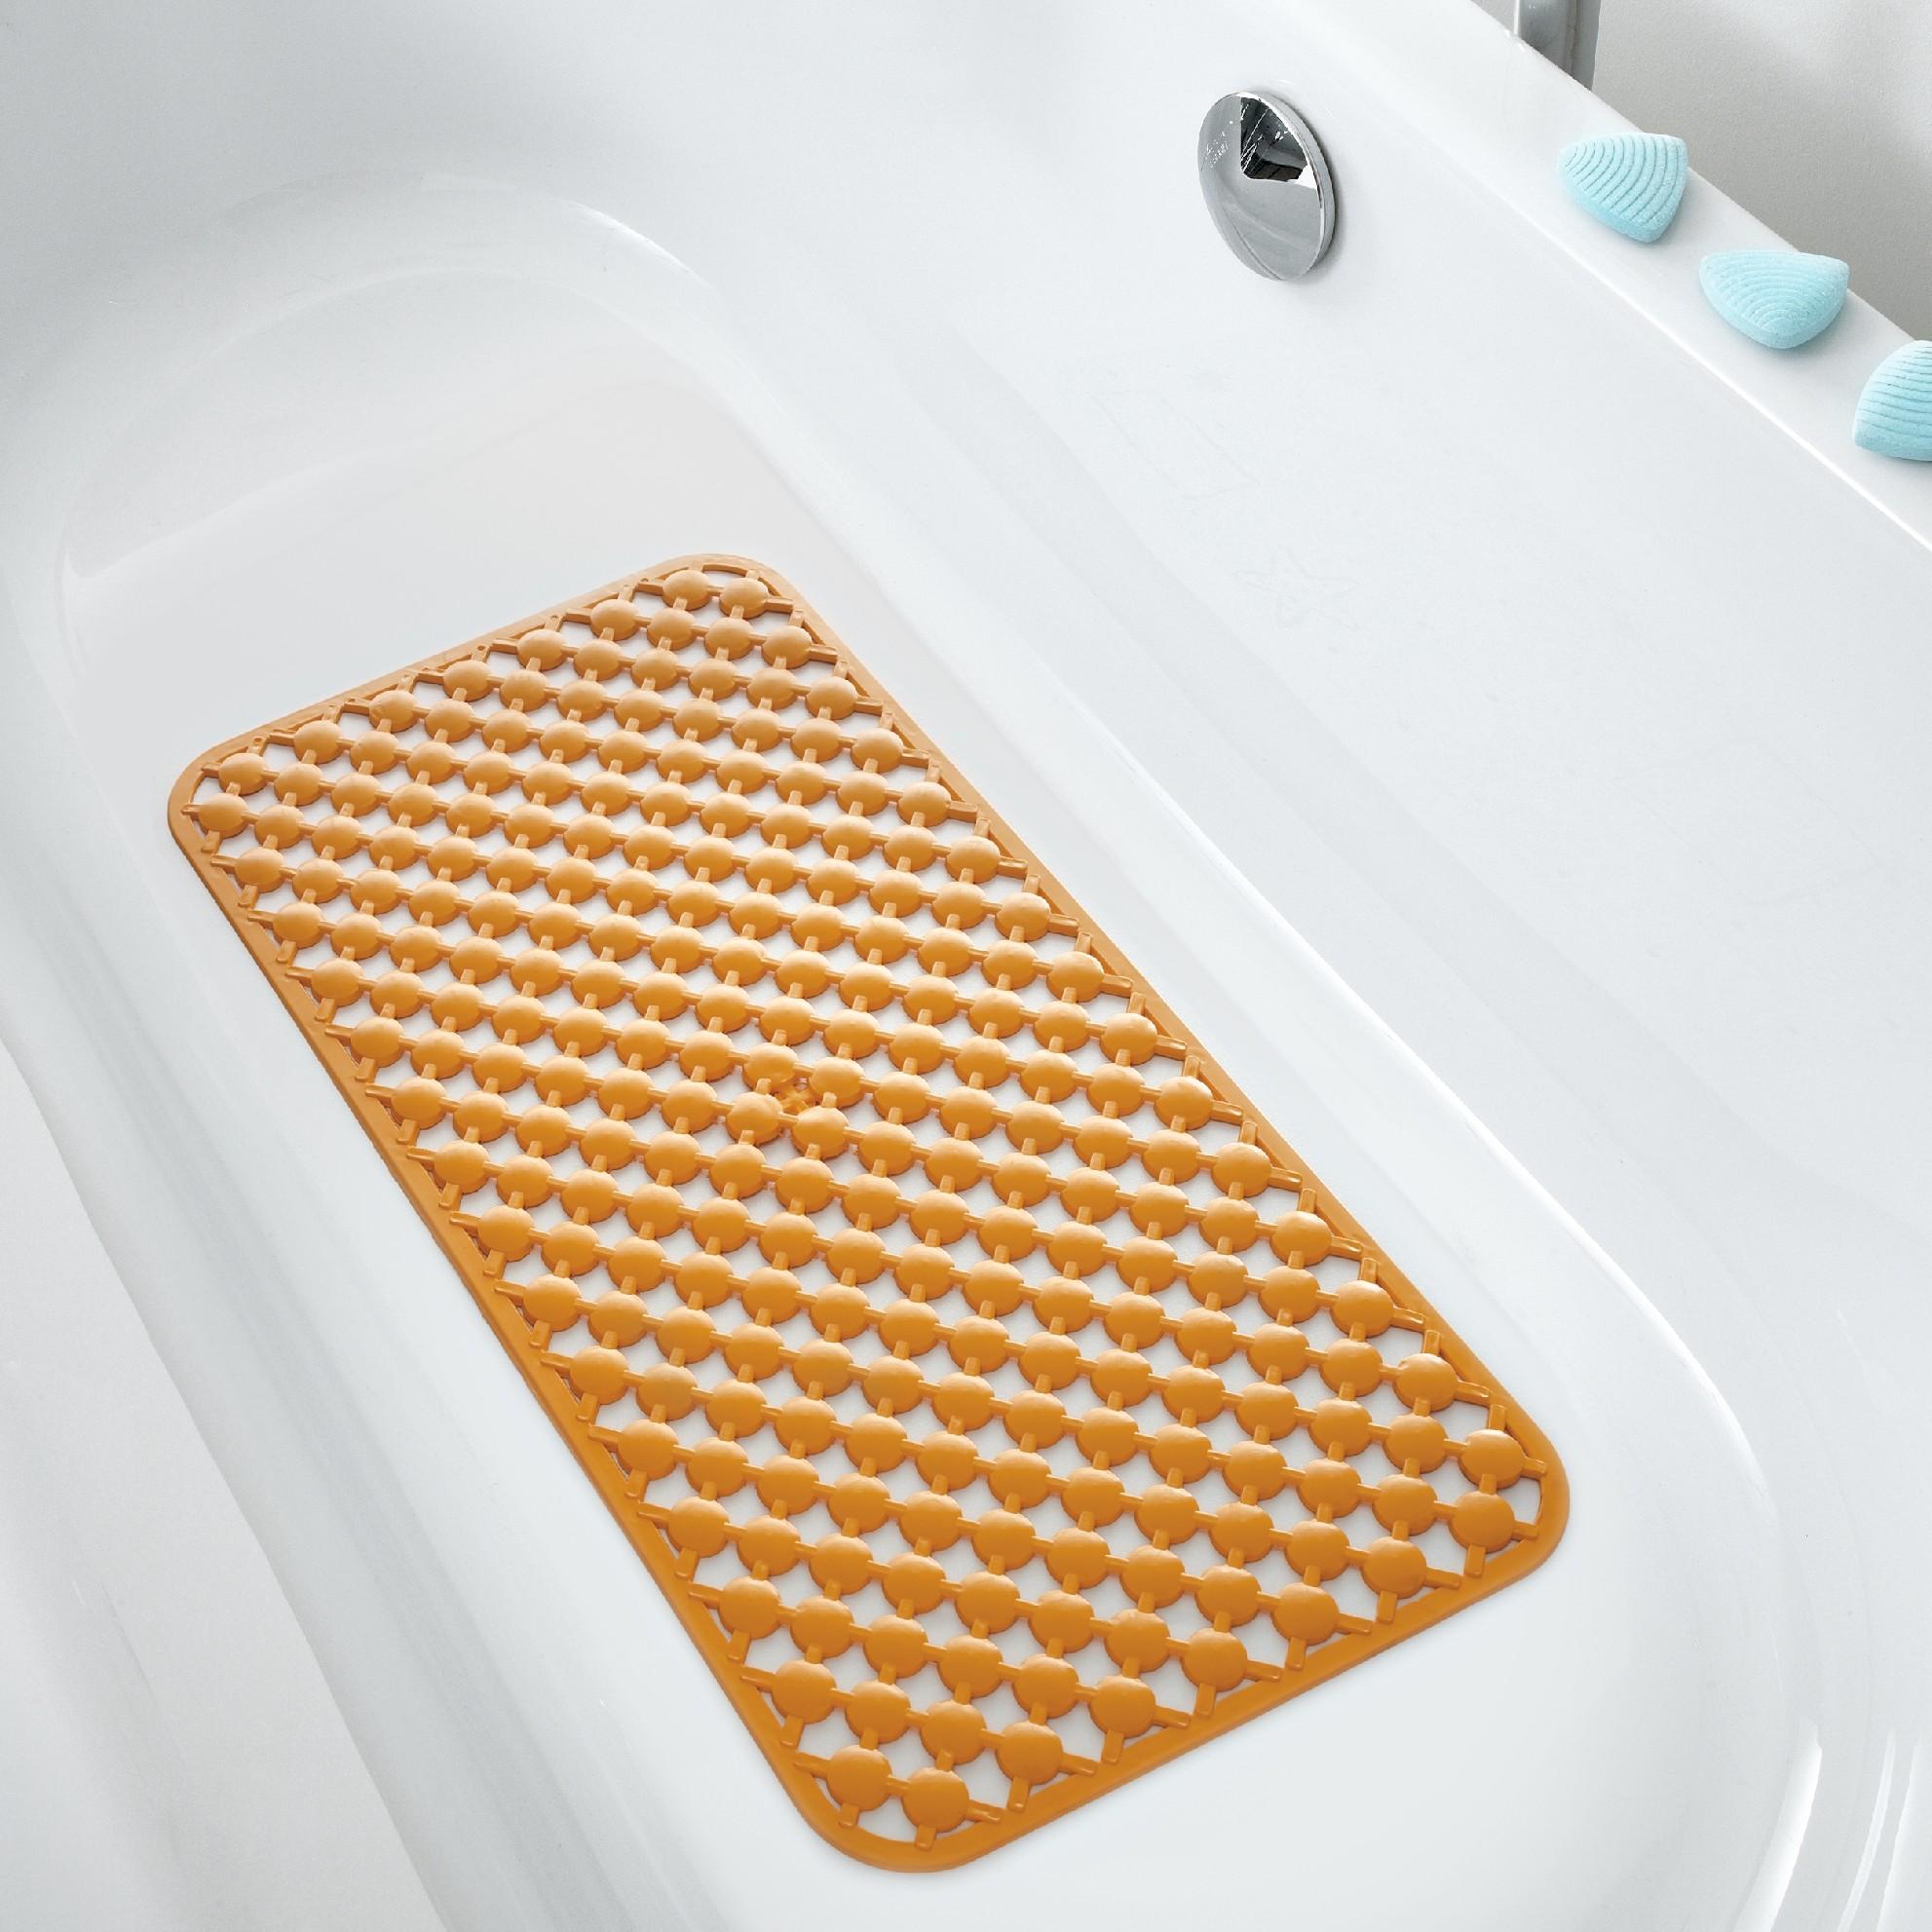 Protiskluzy do vany a sprchy